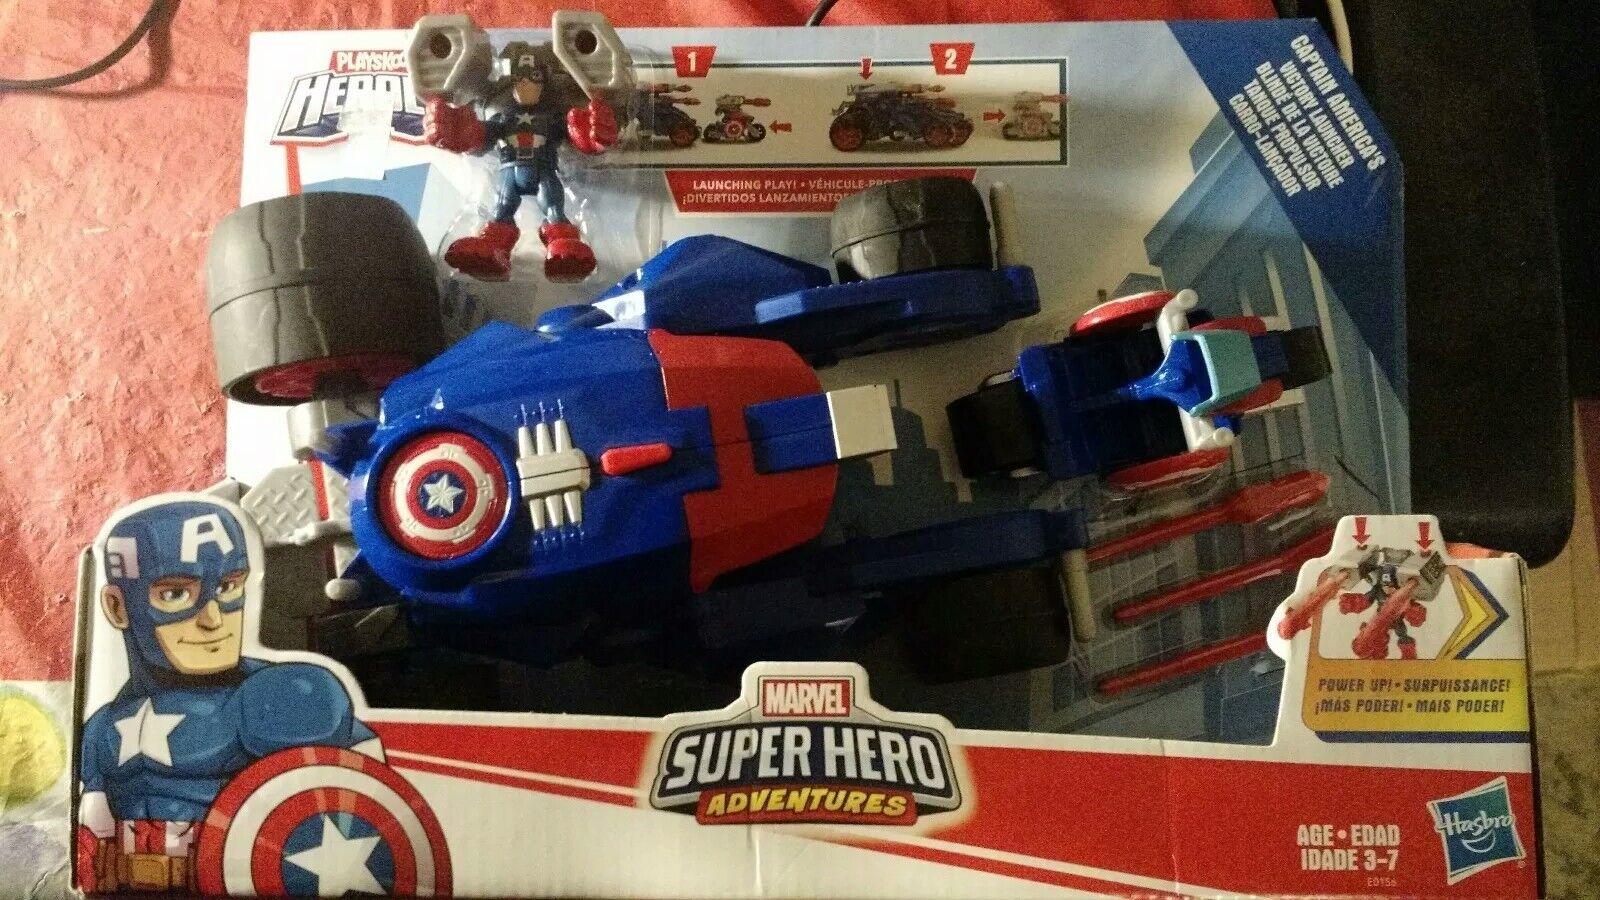 Marvel - superhelden - abenteuer playskool helden captain america ist der sieg launc...